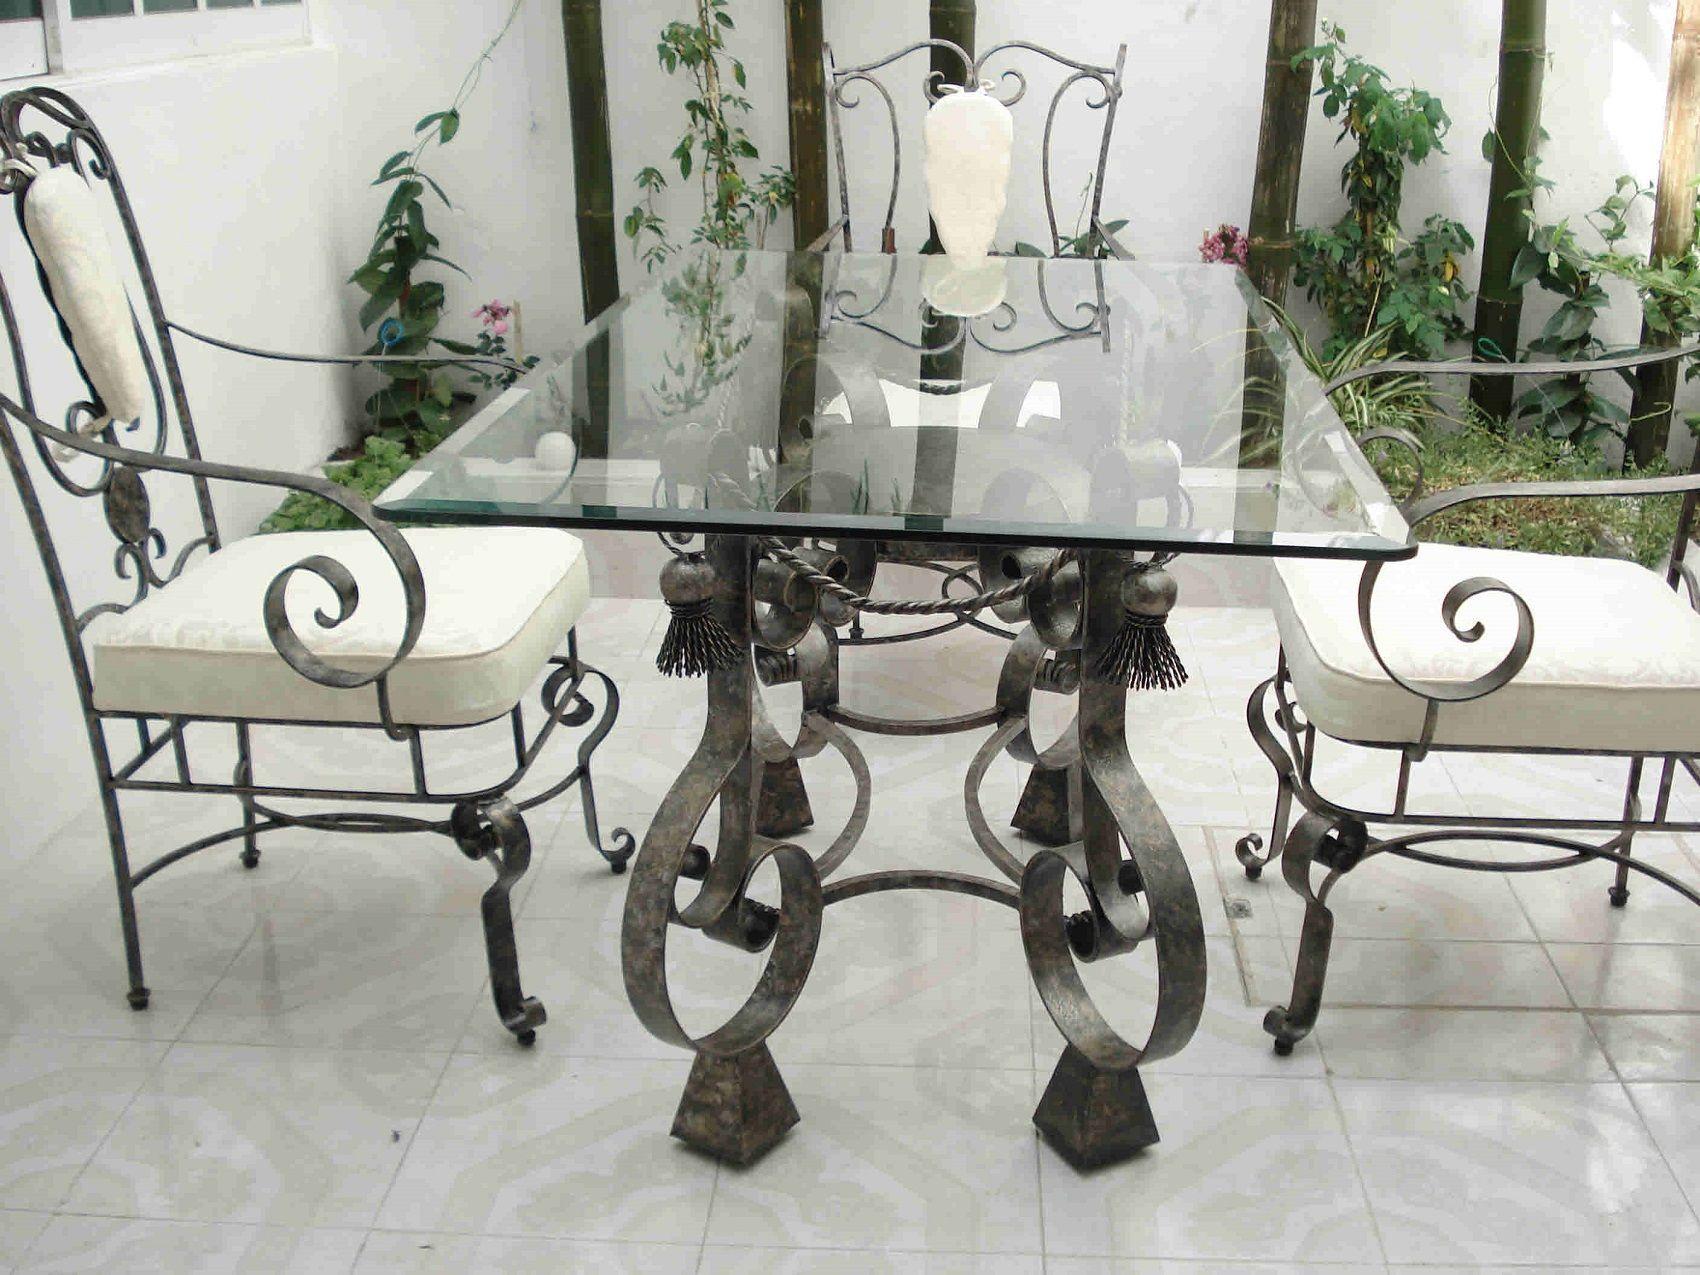 Mexican Patio Furniture For Garden And Veranda Design De Loja De